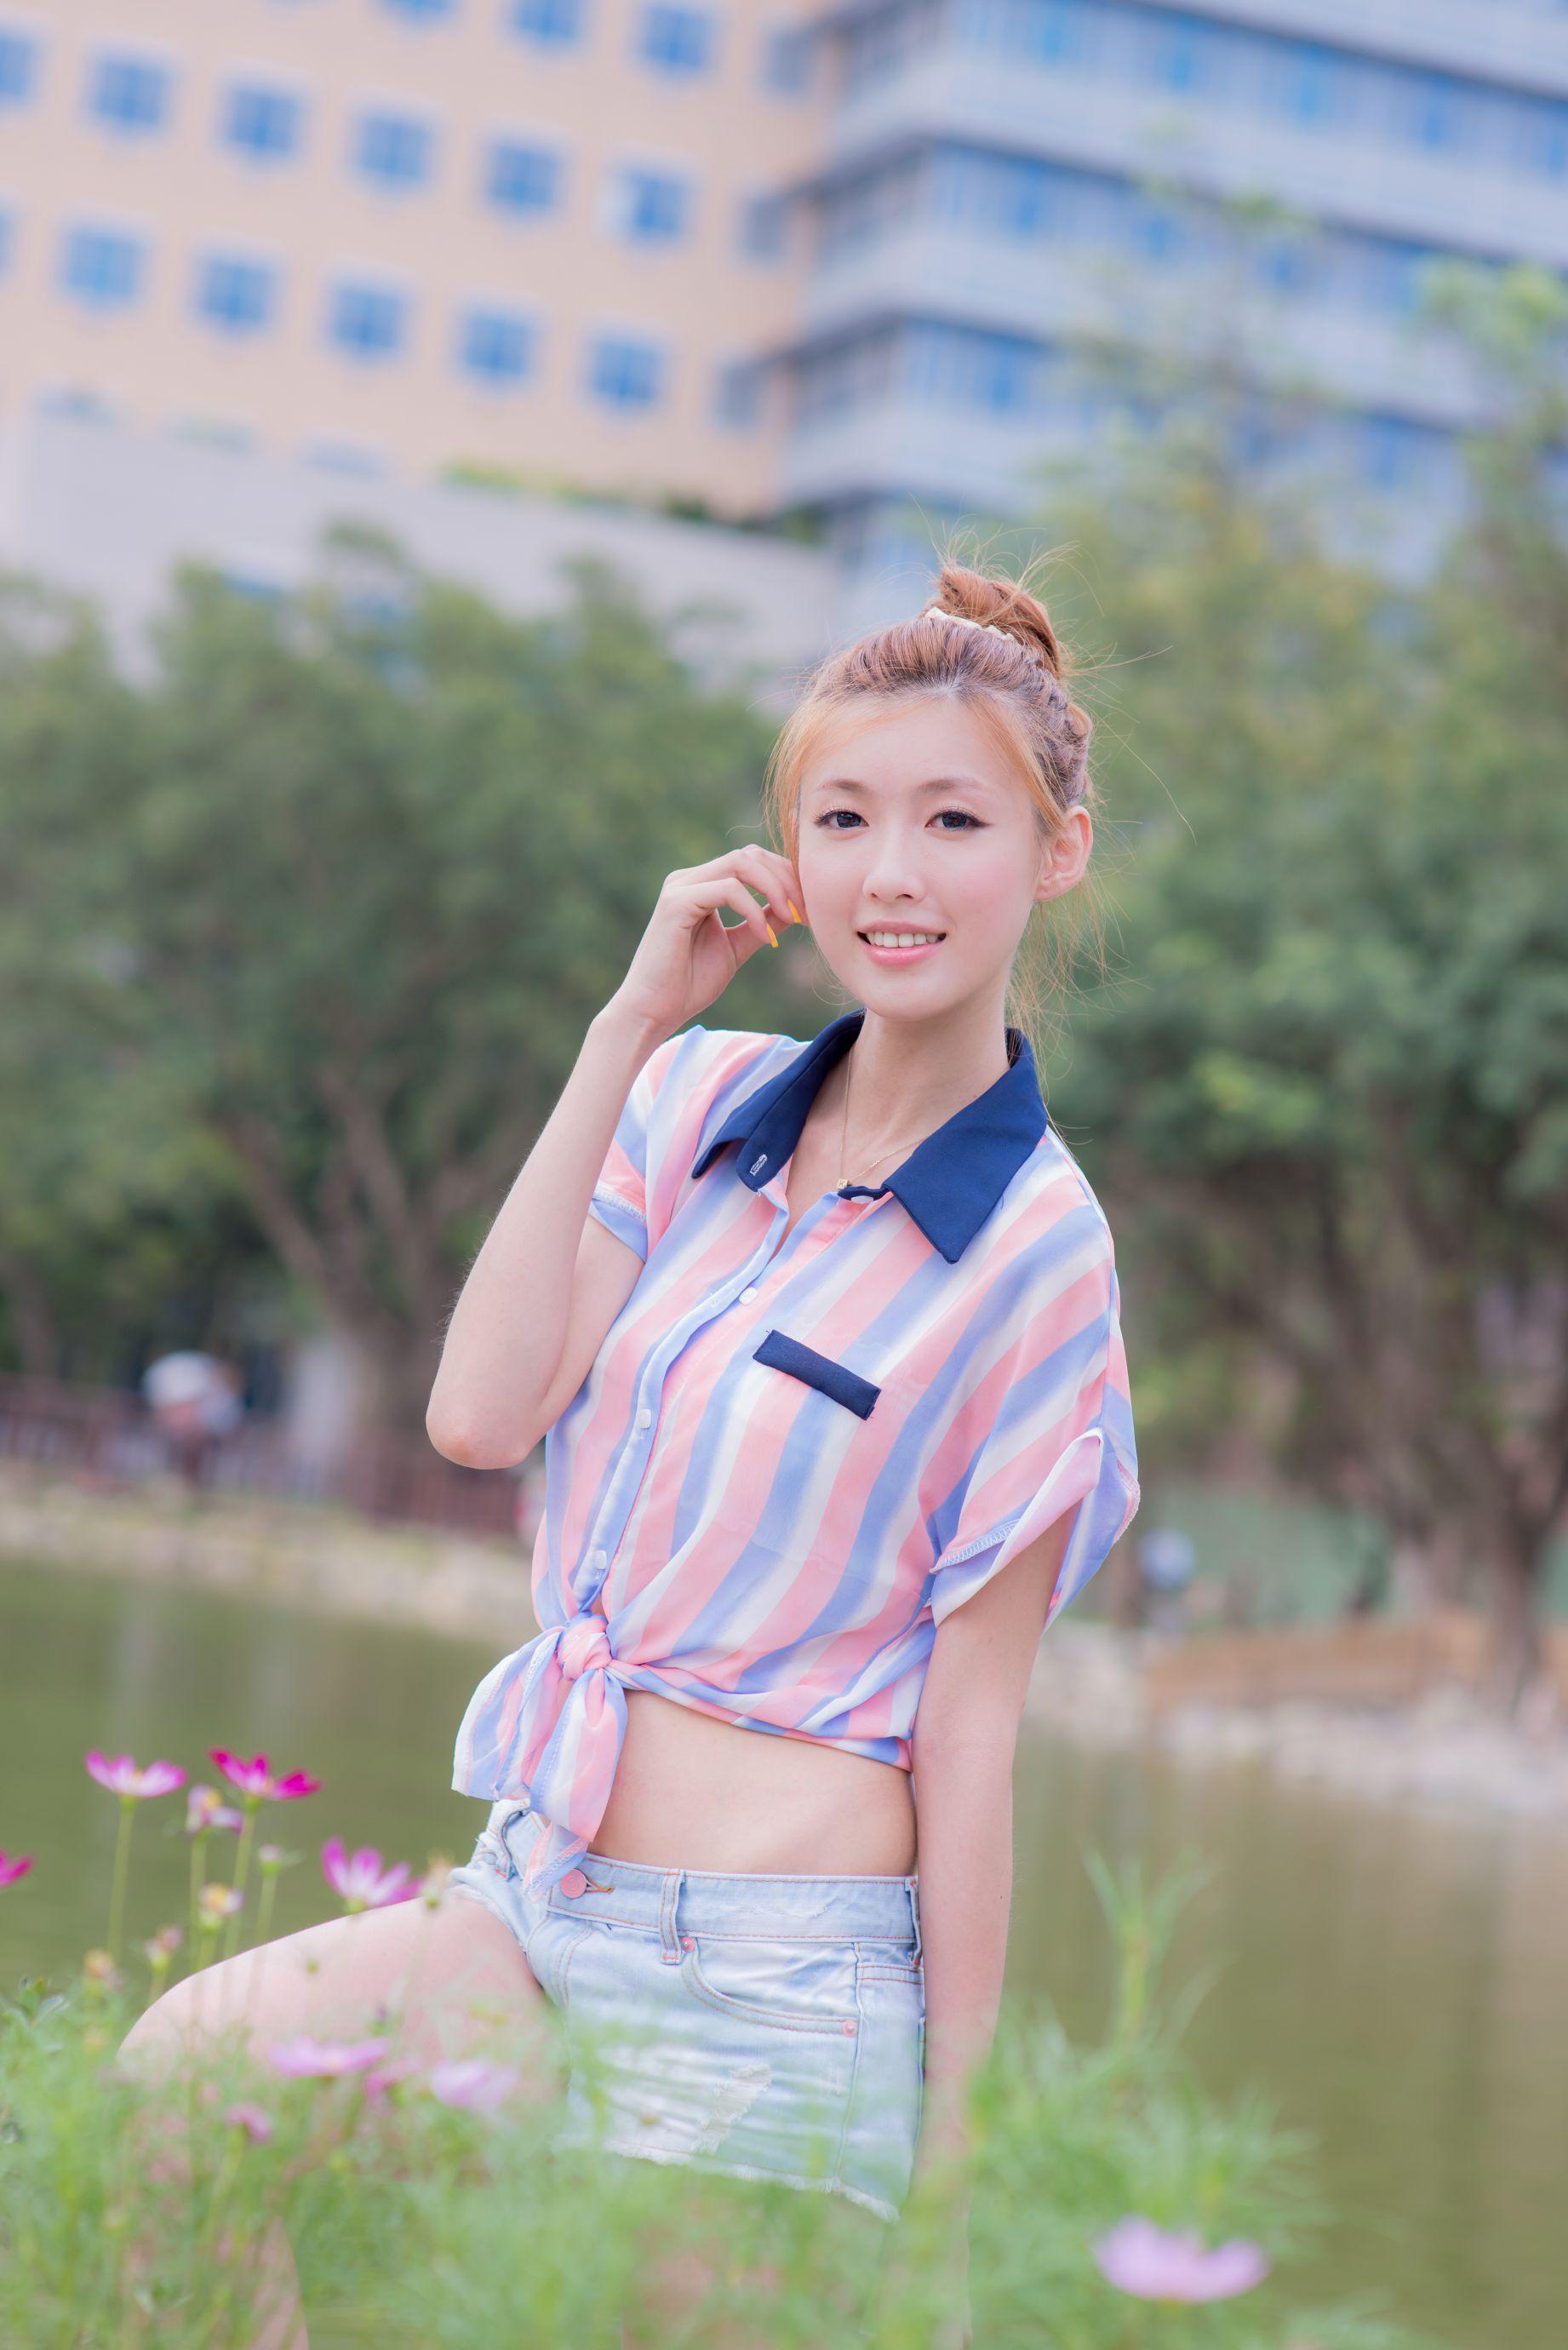 VOL.1341 [台湾正妹]热裤牛仔清新阳光街拍美腿:金允乔(廖挺伶,kila晶晶)高品质写真套图(45P)